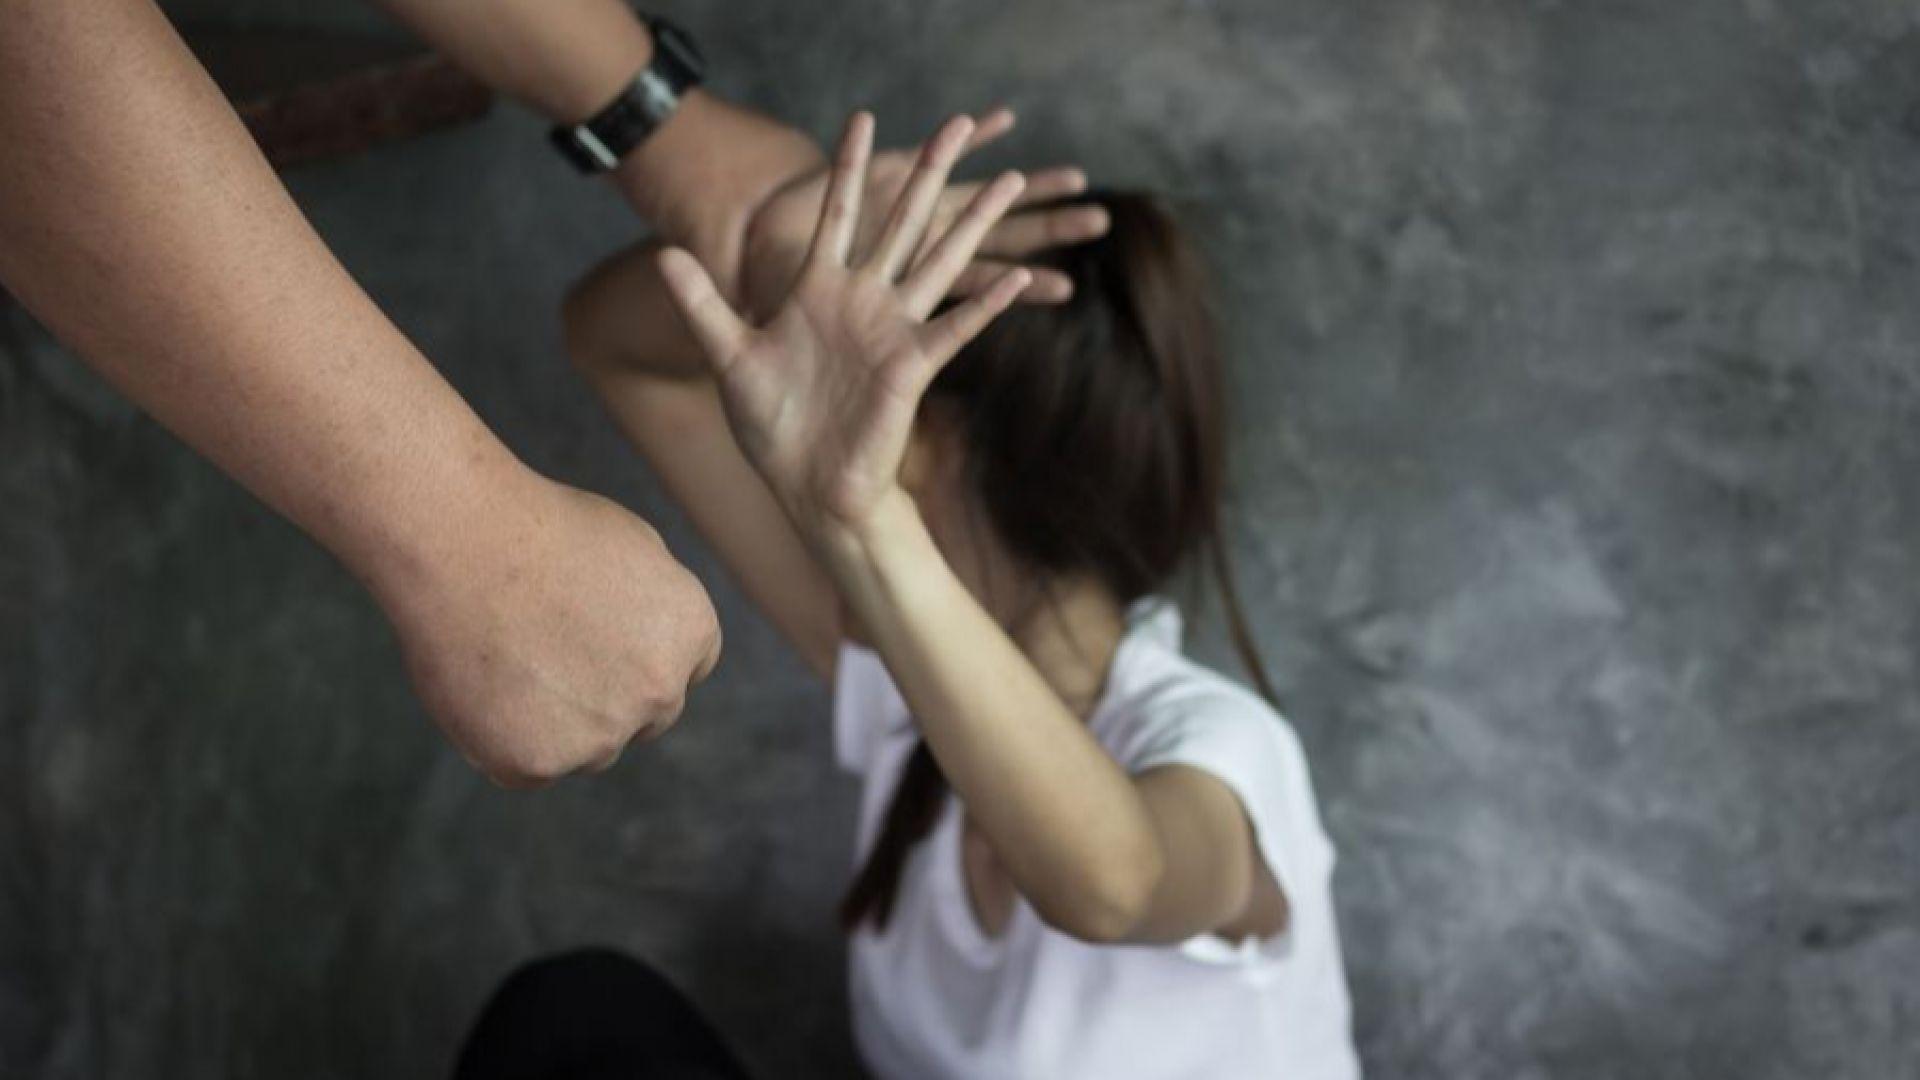 40-годишен изнасили дъщеря си, тя опита да се самоубие